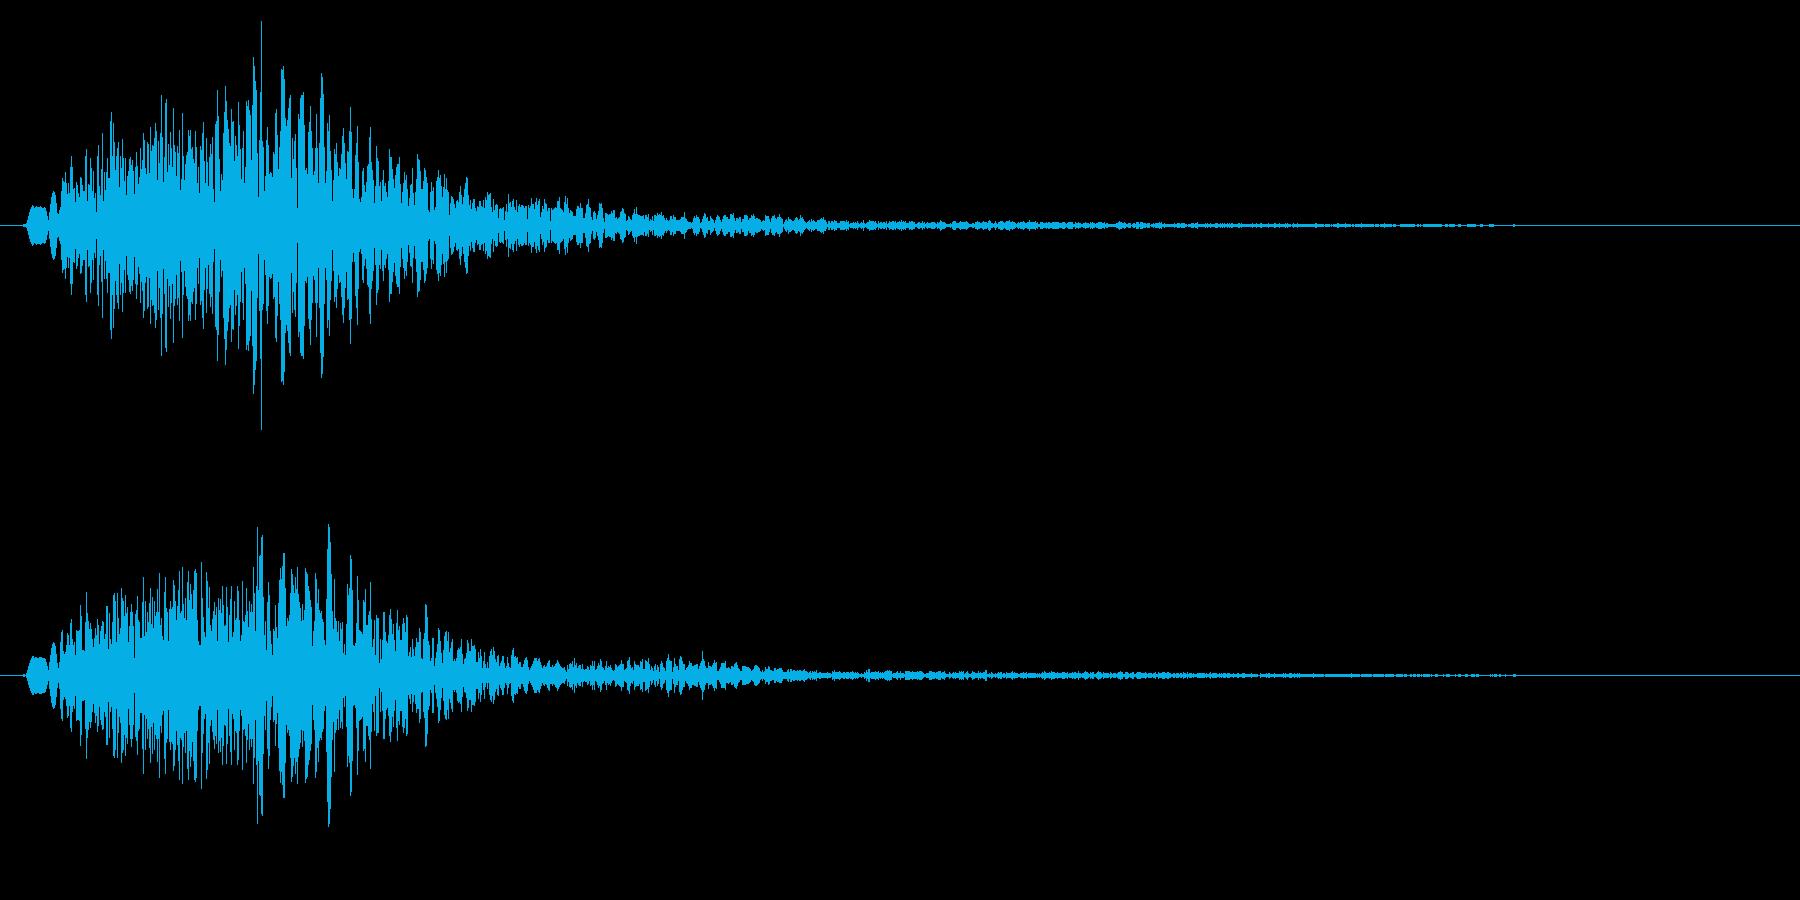 キャラン(高音の金属弦・鍵盤を弾いた音)の再生済みの波形